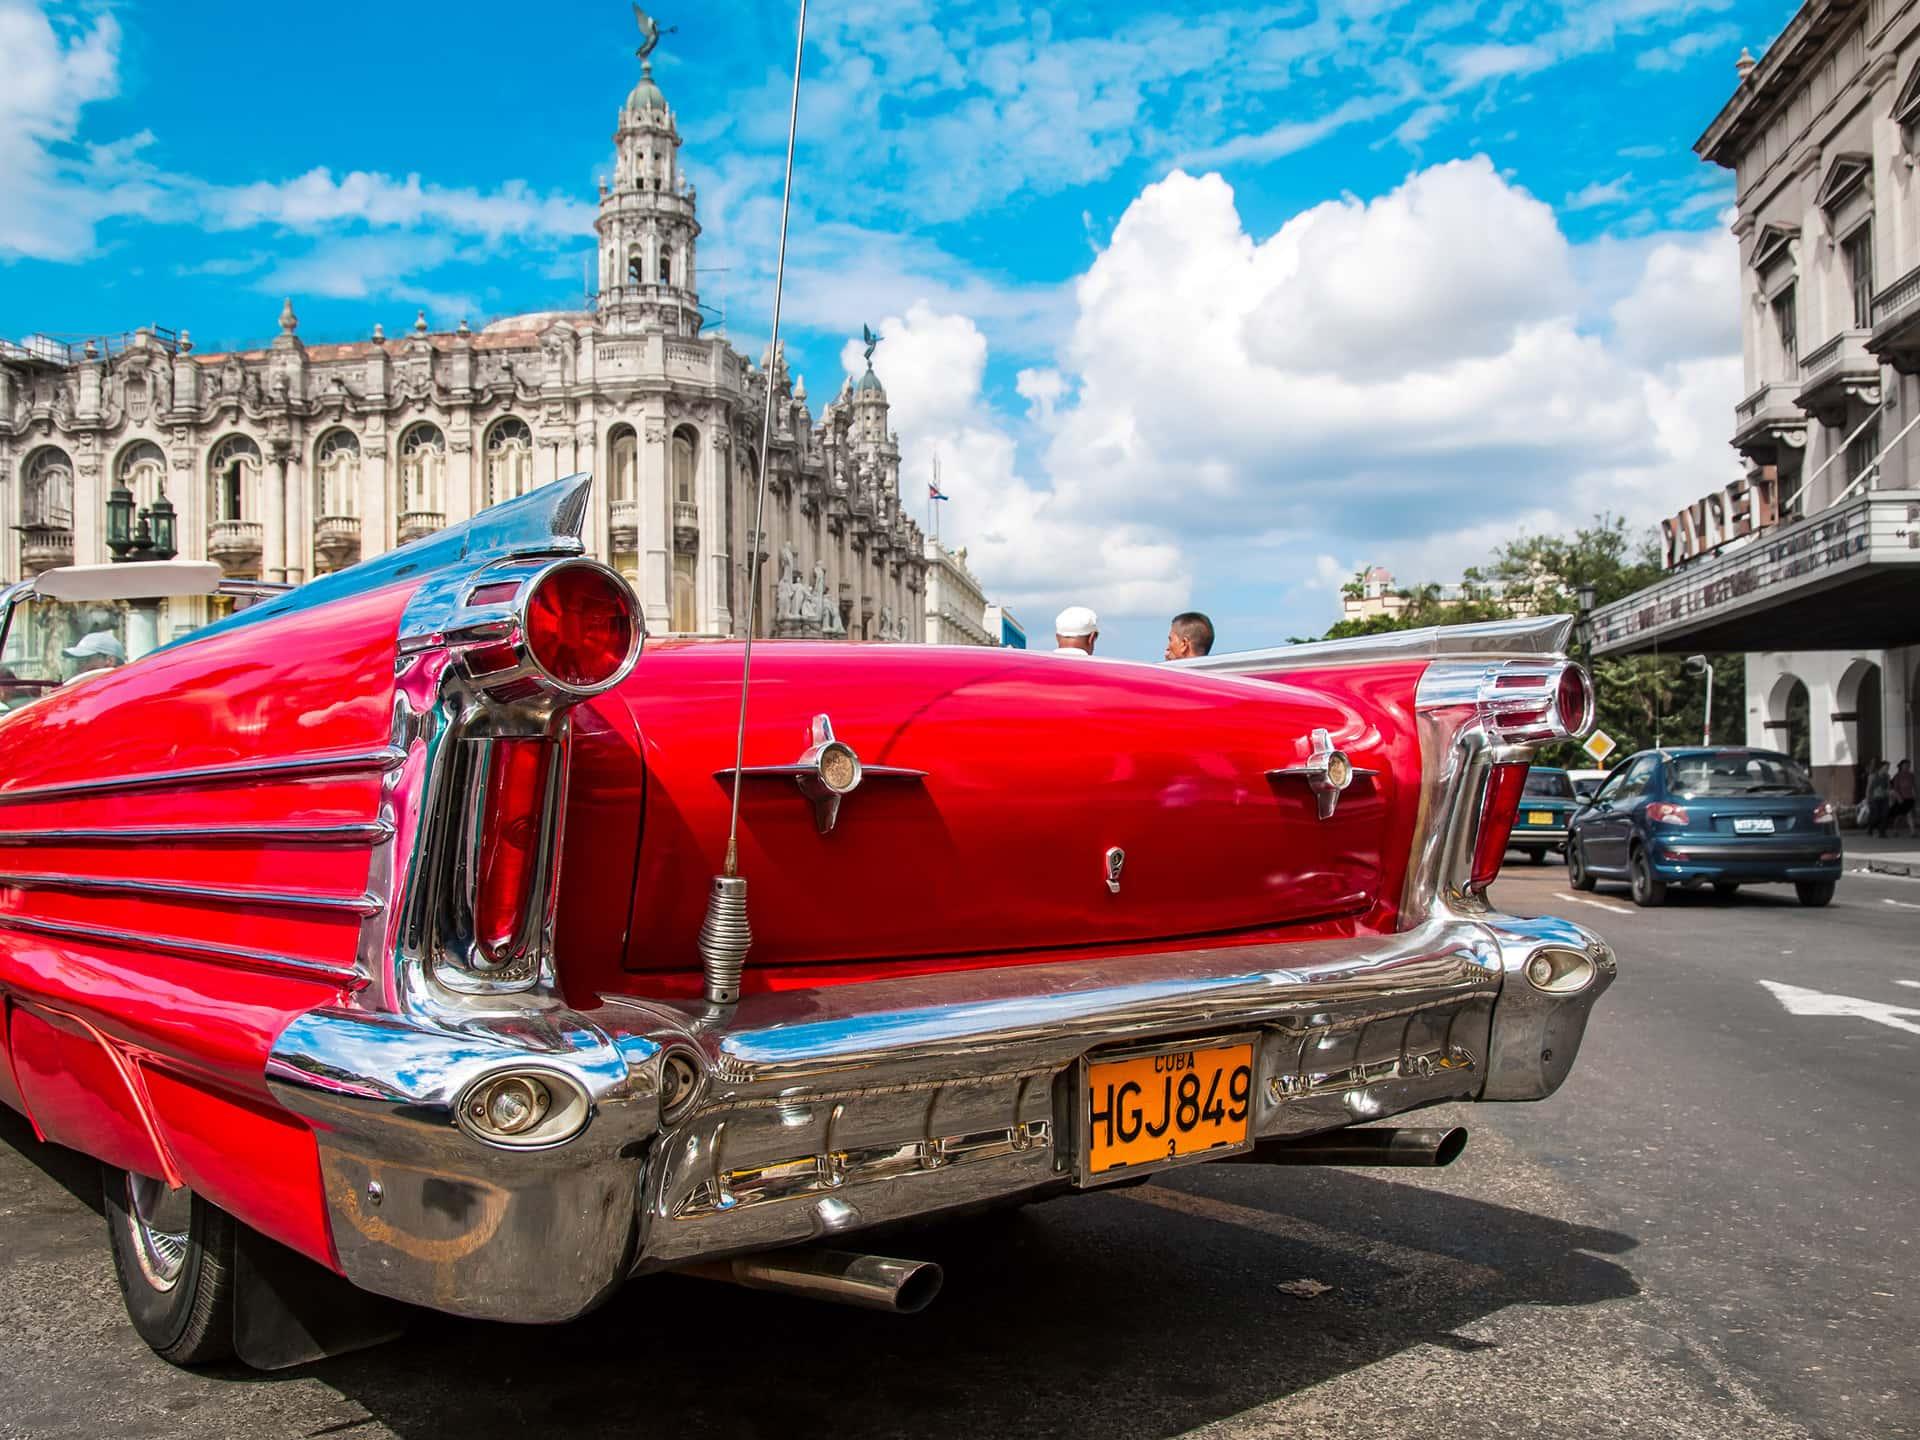 Havana Cuba classic car